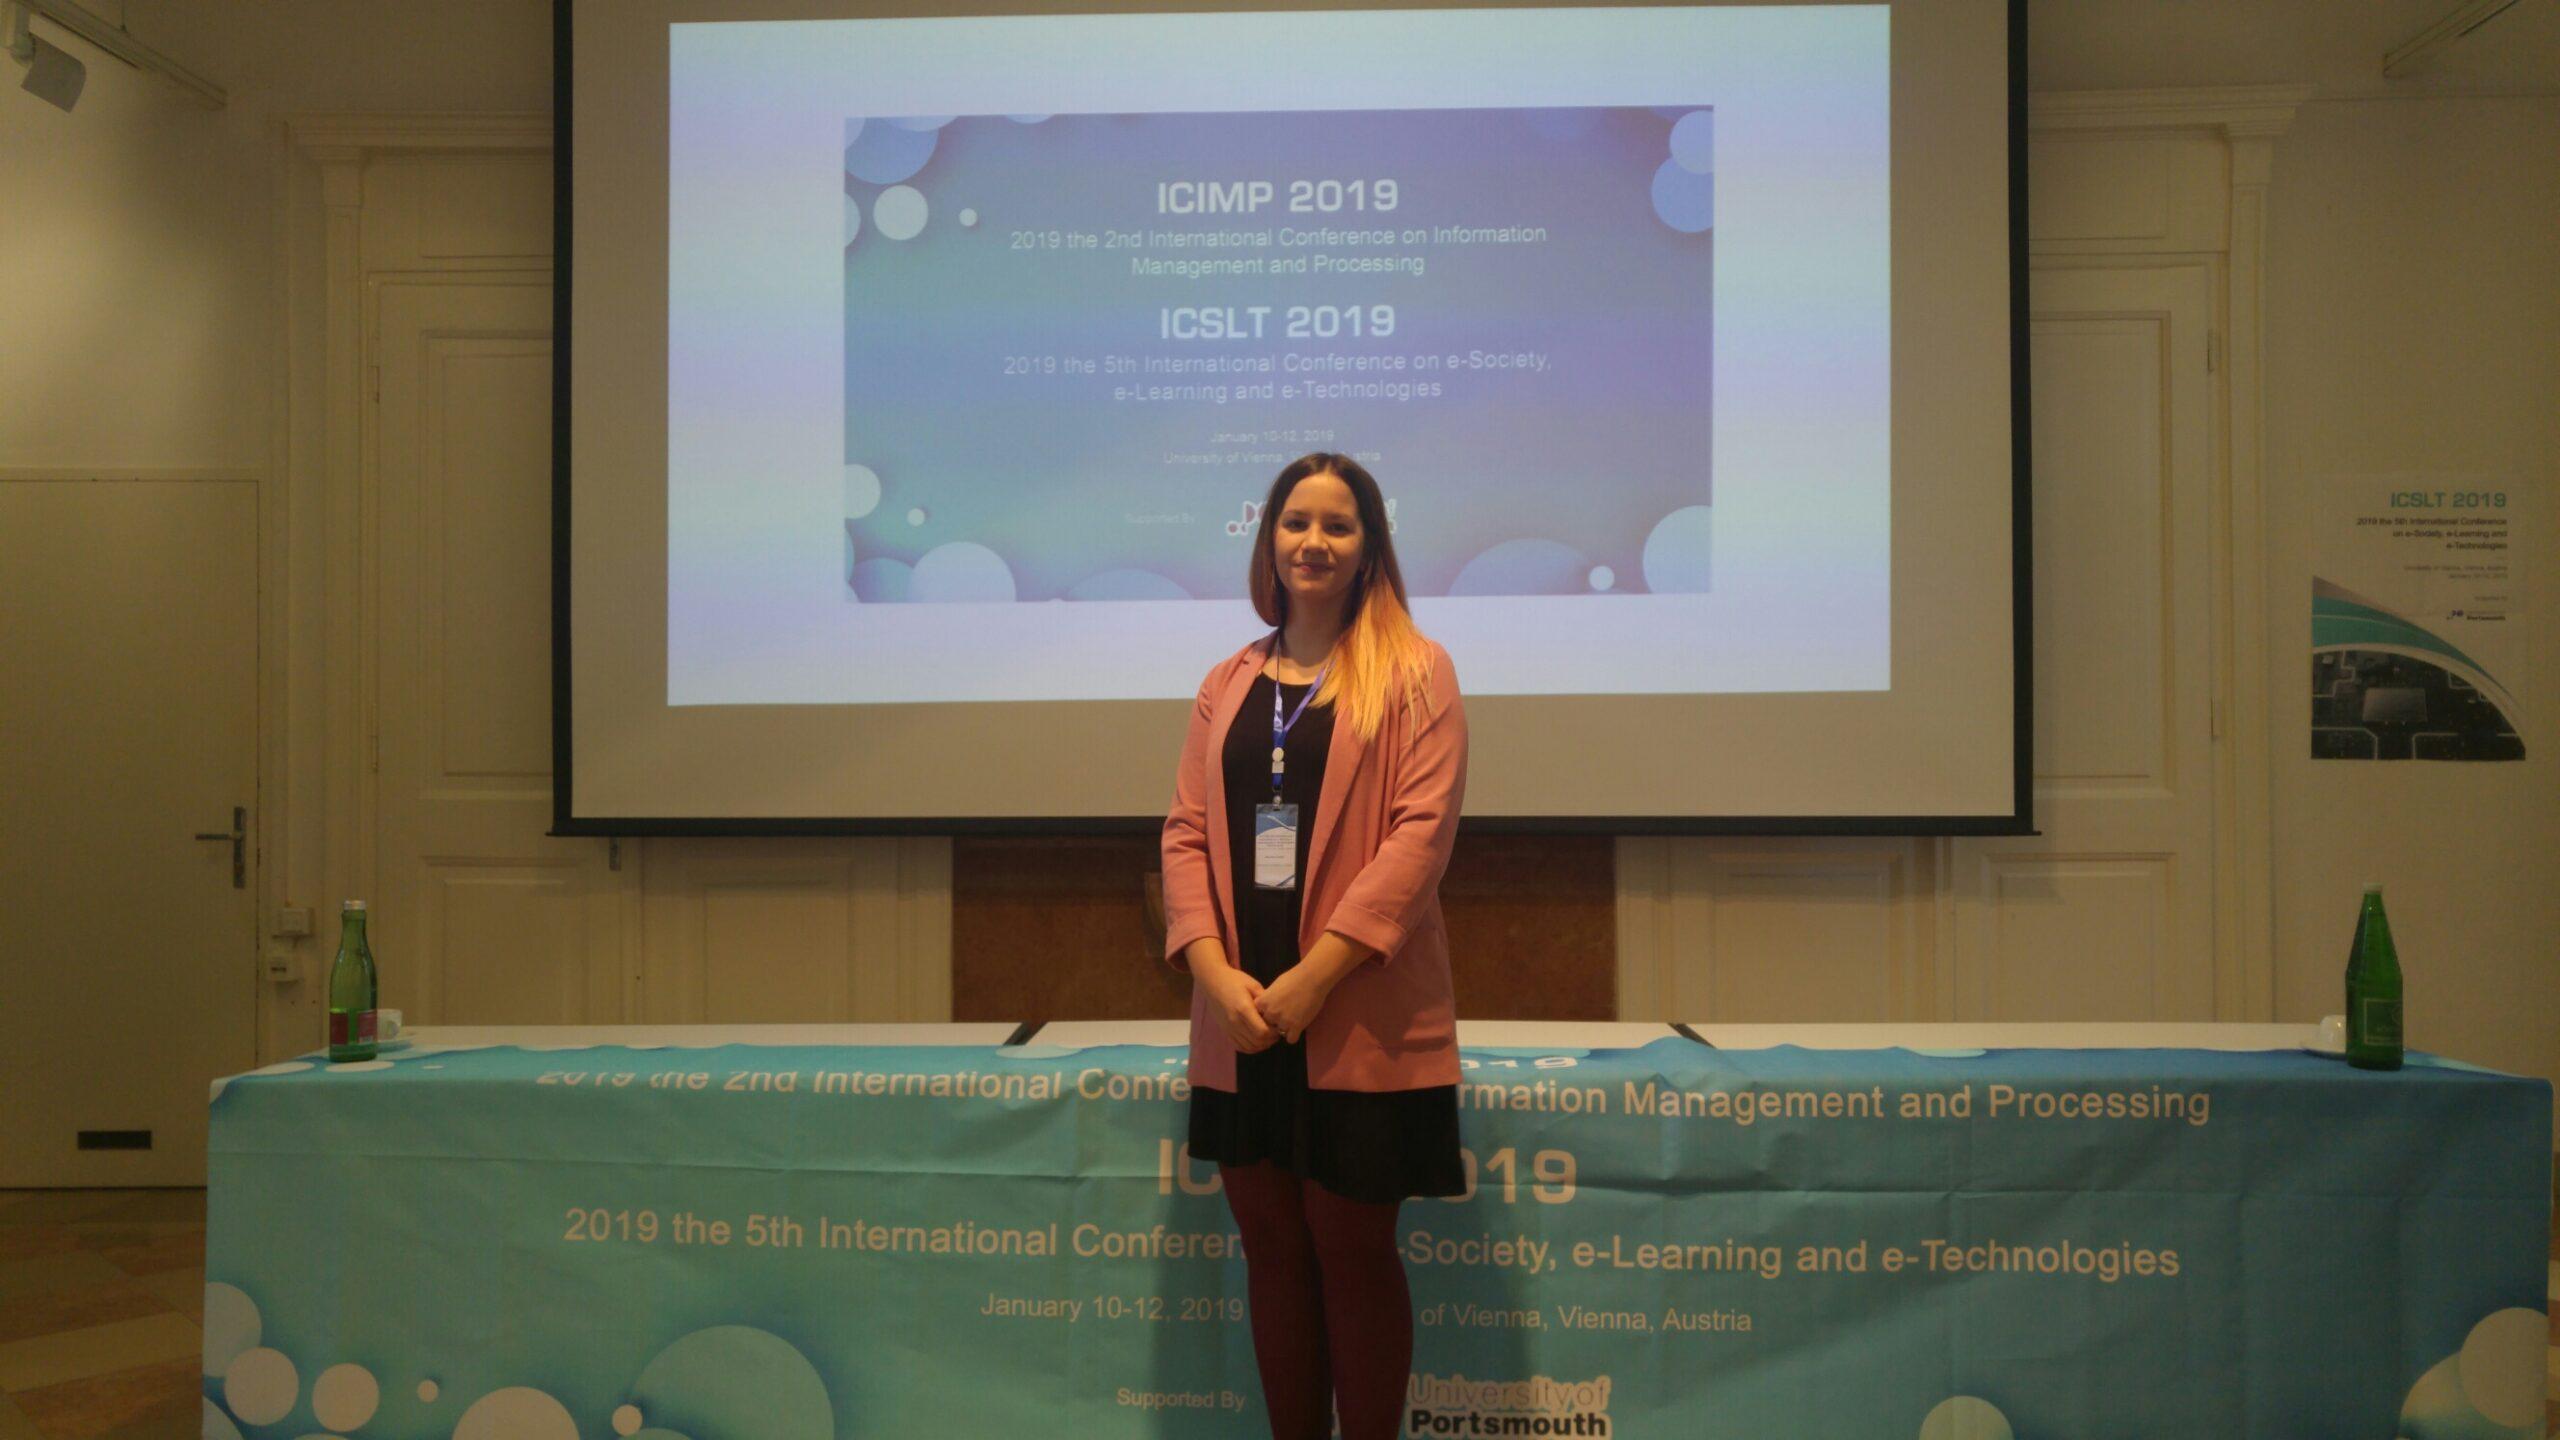 Sudjelovanje na konferenciji ICSLT